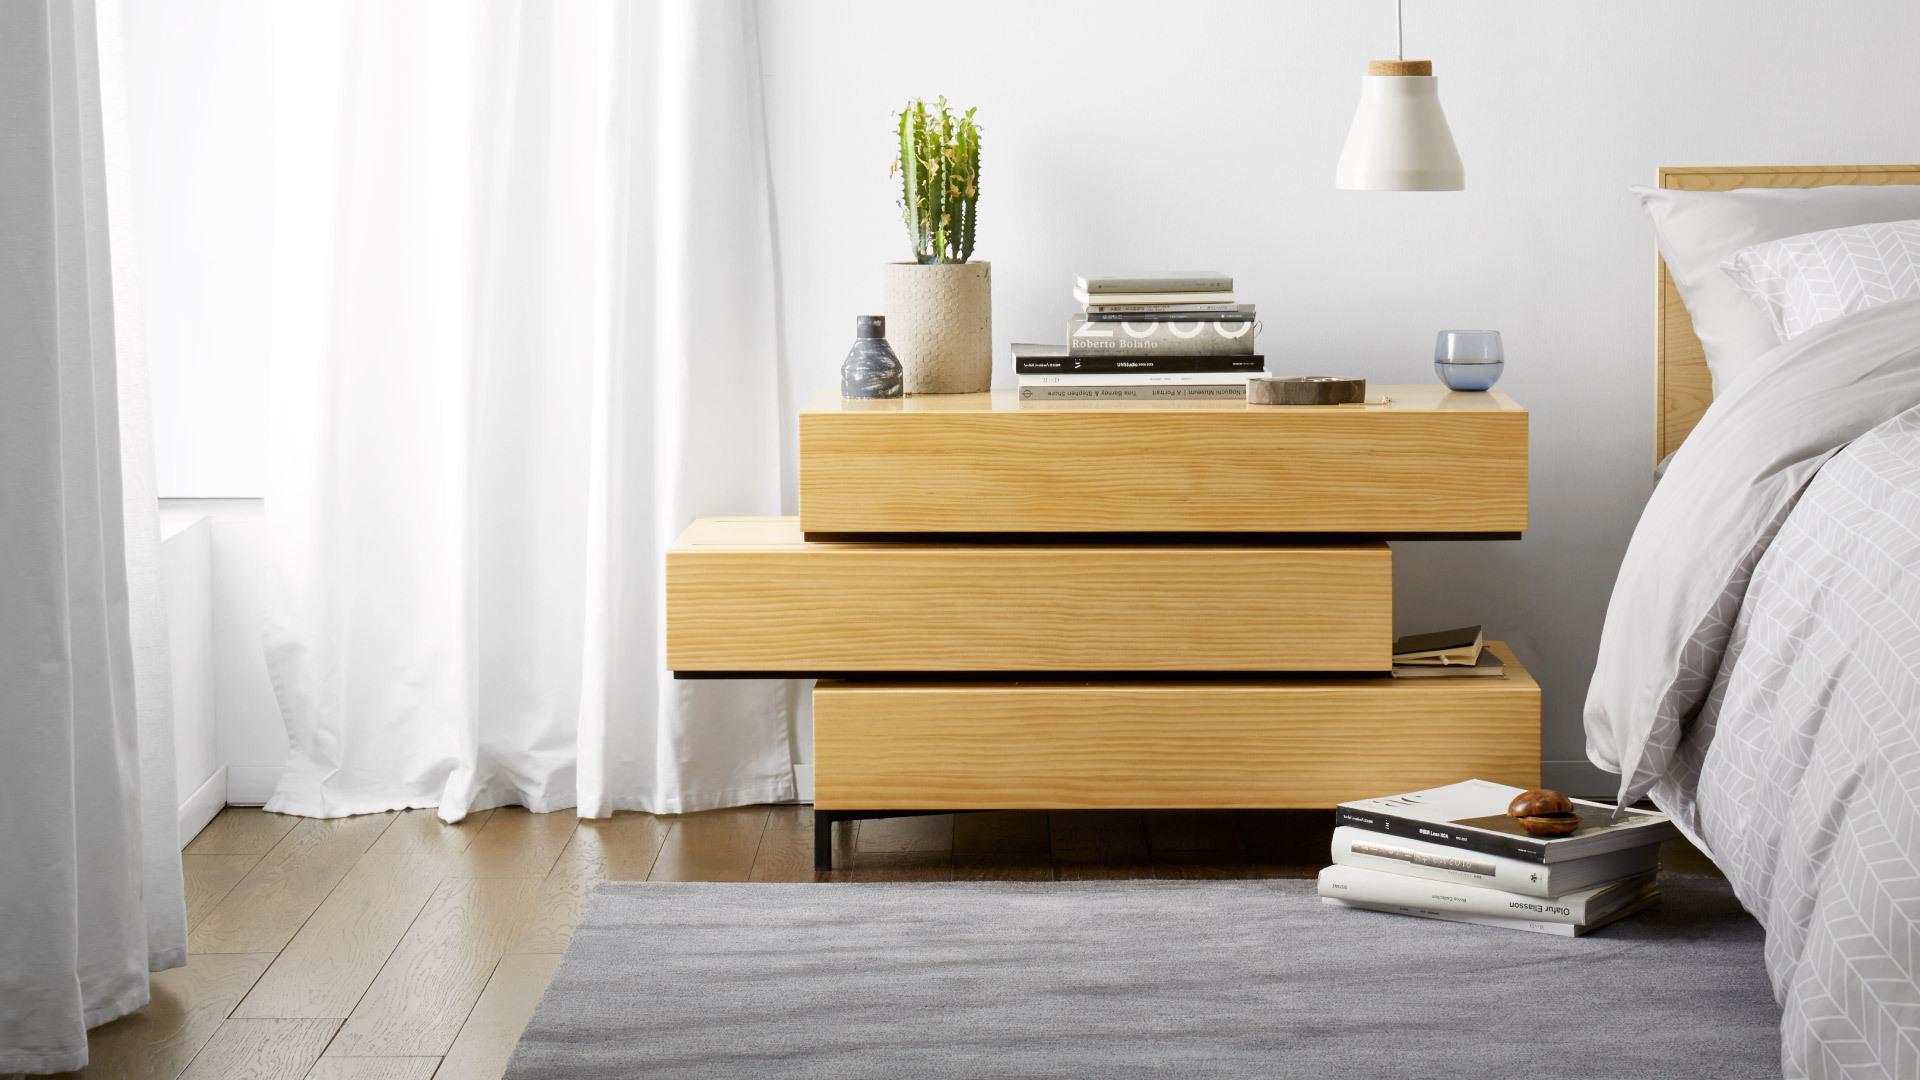 木质挺拔床头柜,卧室立体格调